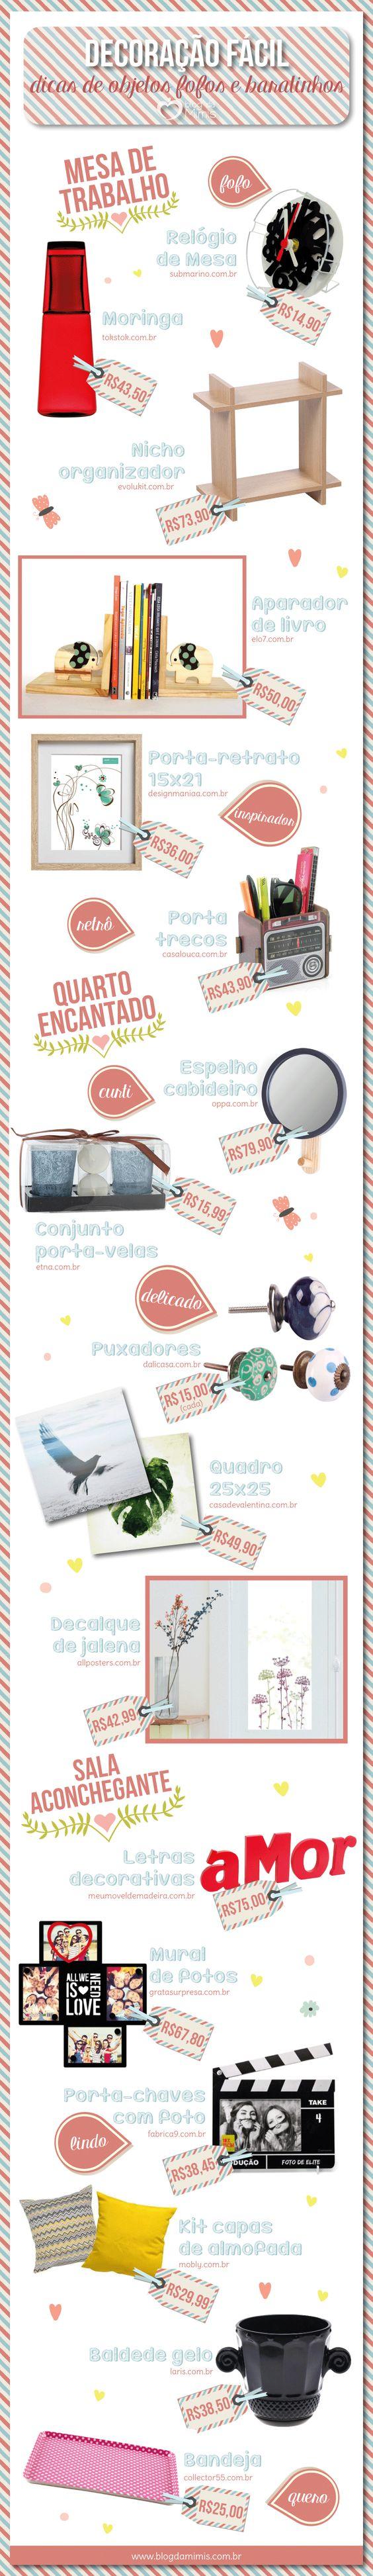 Decoração fácil: dicas de objetos fofos e baratinhos - Blog da Mimis - Listei vários objetos e os sites onde encontrá-los para decorar a casa com amor e economia!